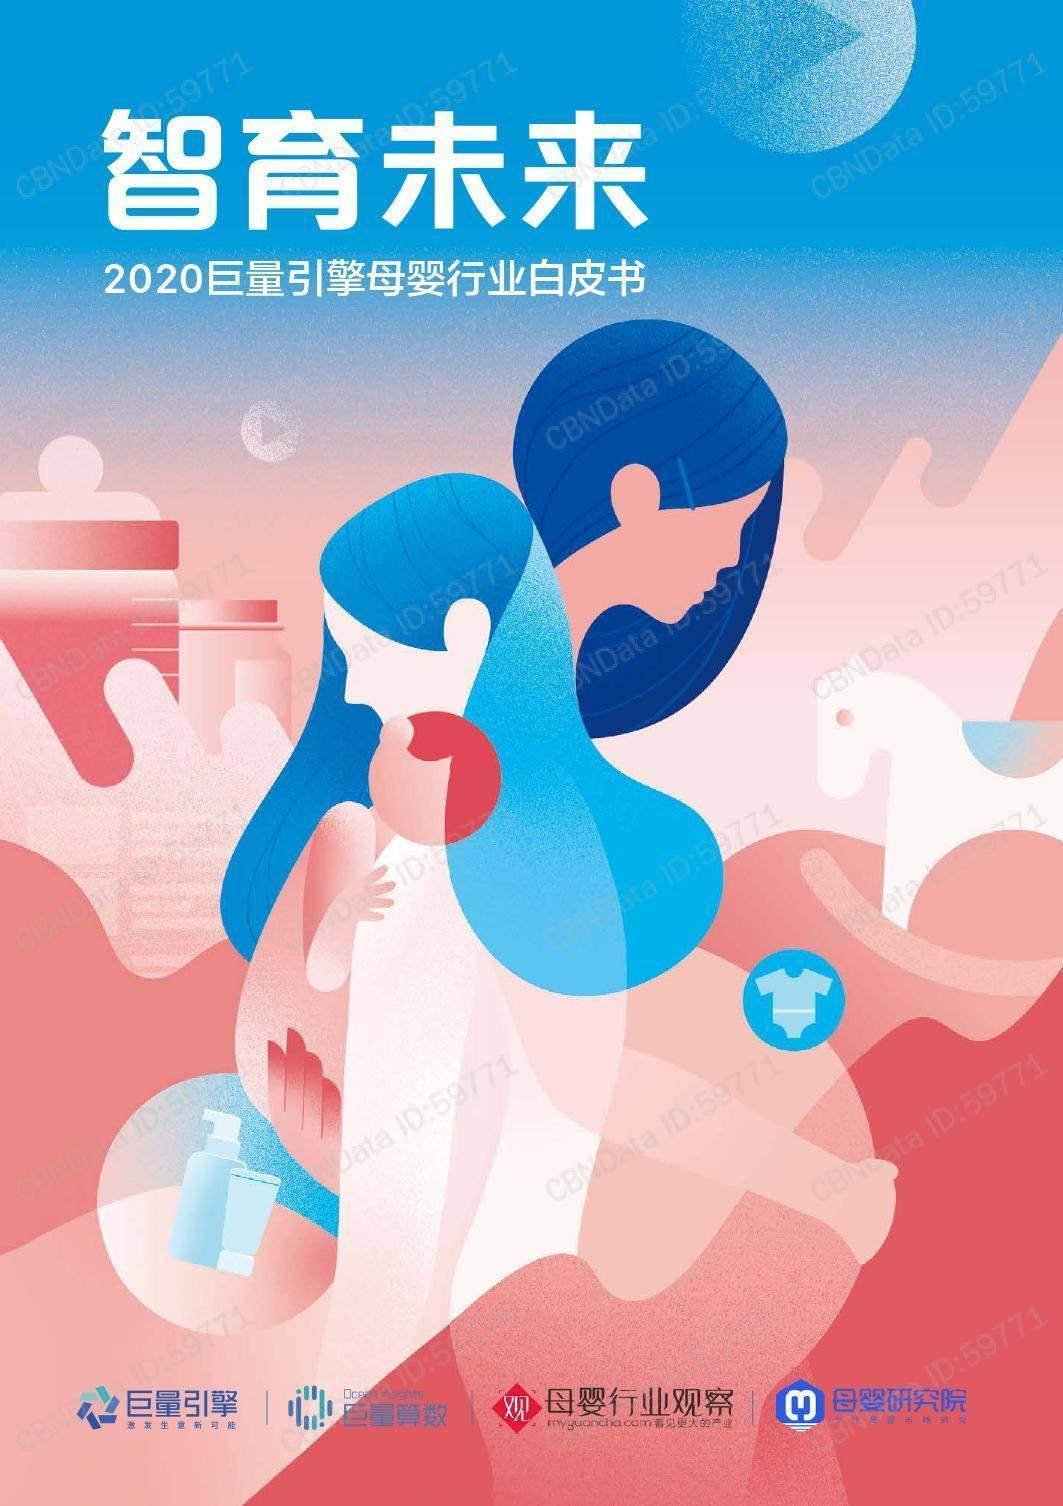 巨量引擎:2020母婴行业白皮书